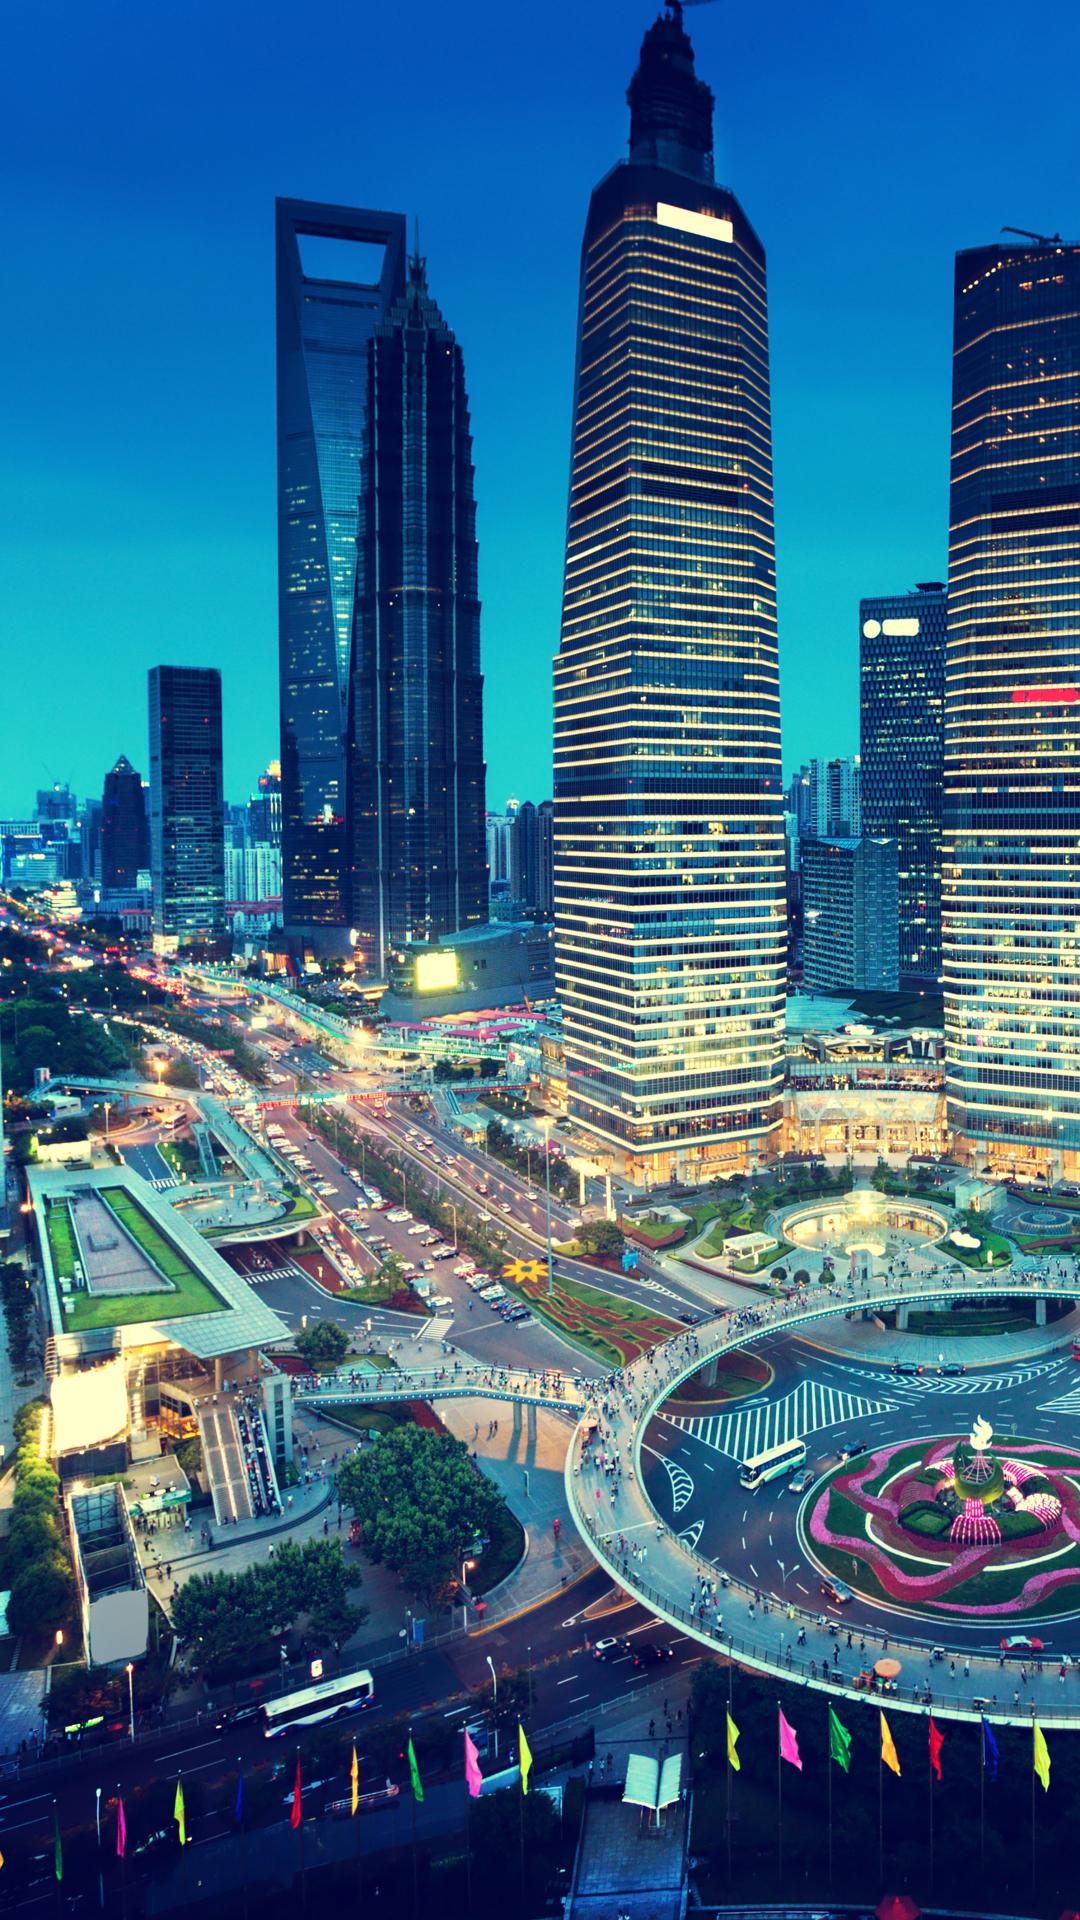 Tapeta pro iPhone, čínské město Šanghaj